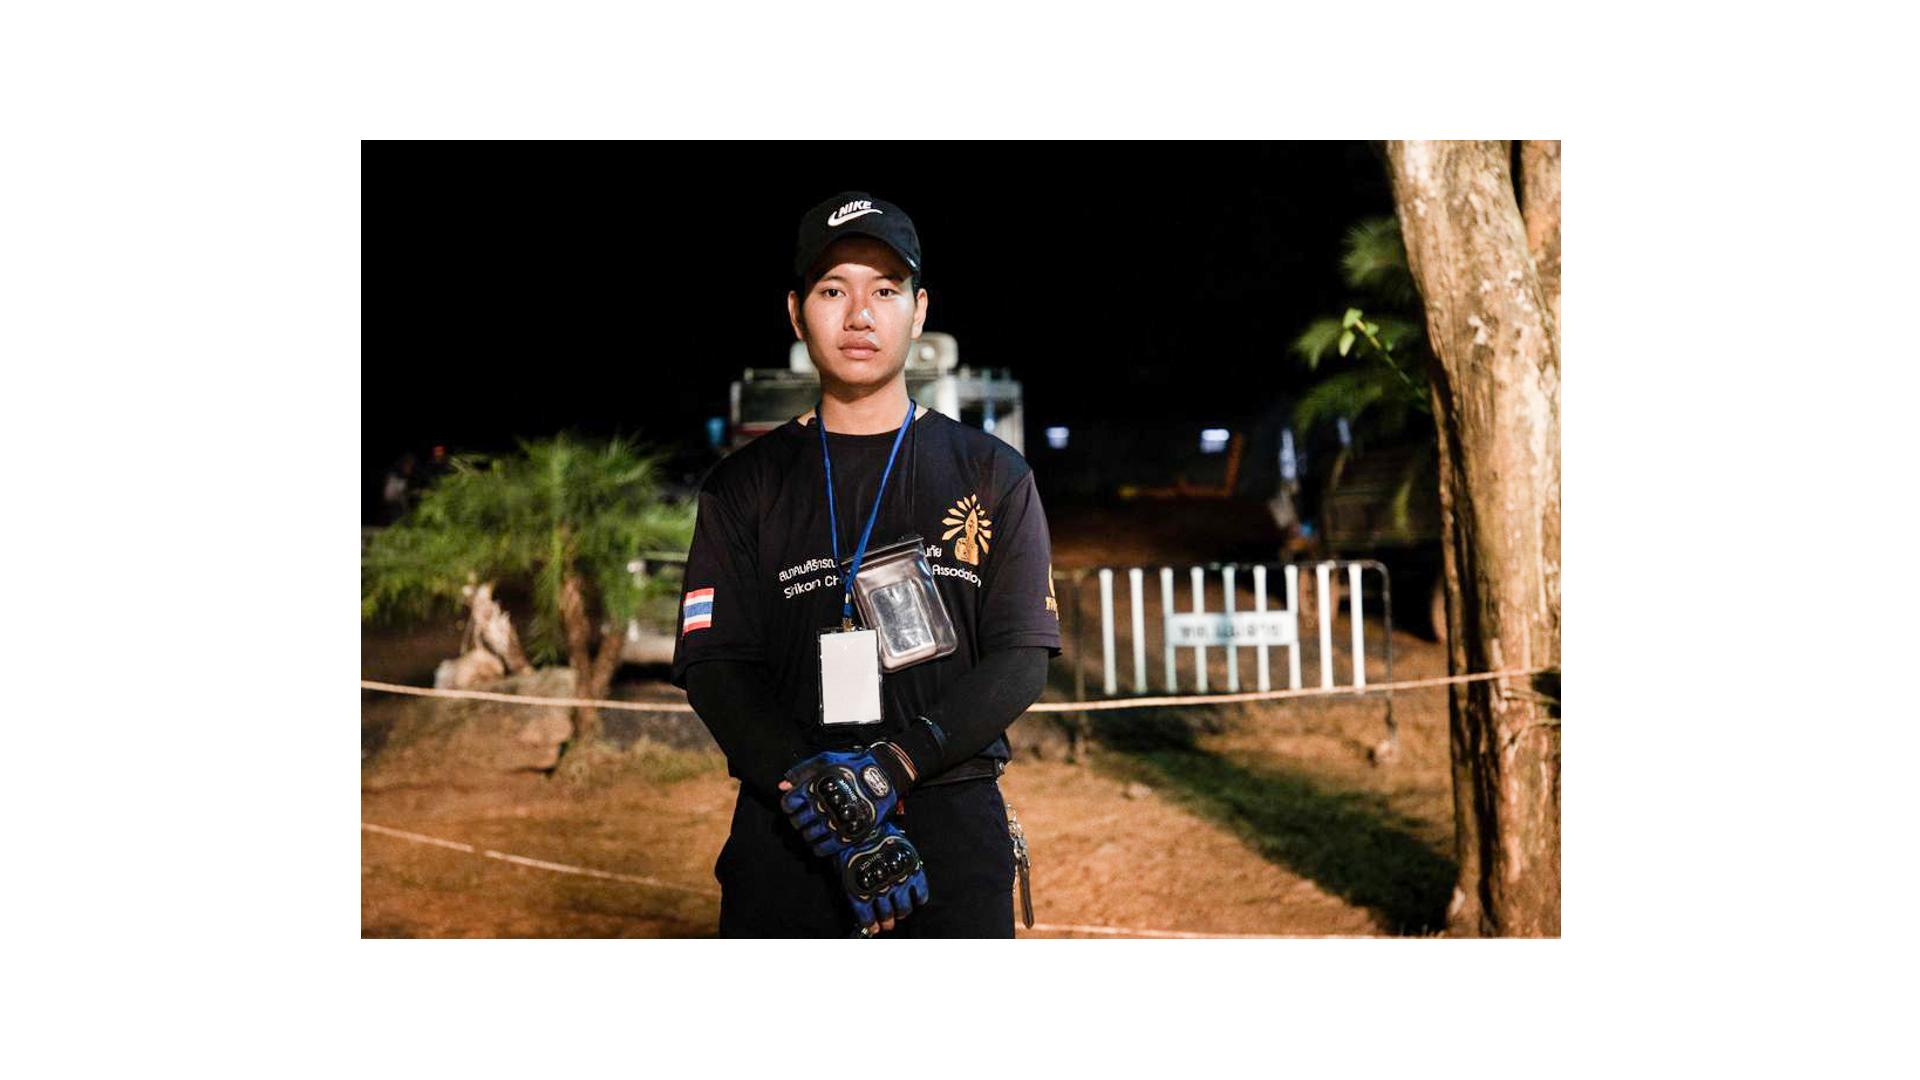 Der 18-jährige Surayut Puengpadung ist ein Patenkind des christlichen Hilfswerks Compassion. Er war einer der ersten, der die Jungen als vermisst meldete.